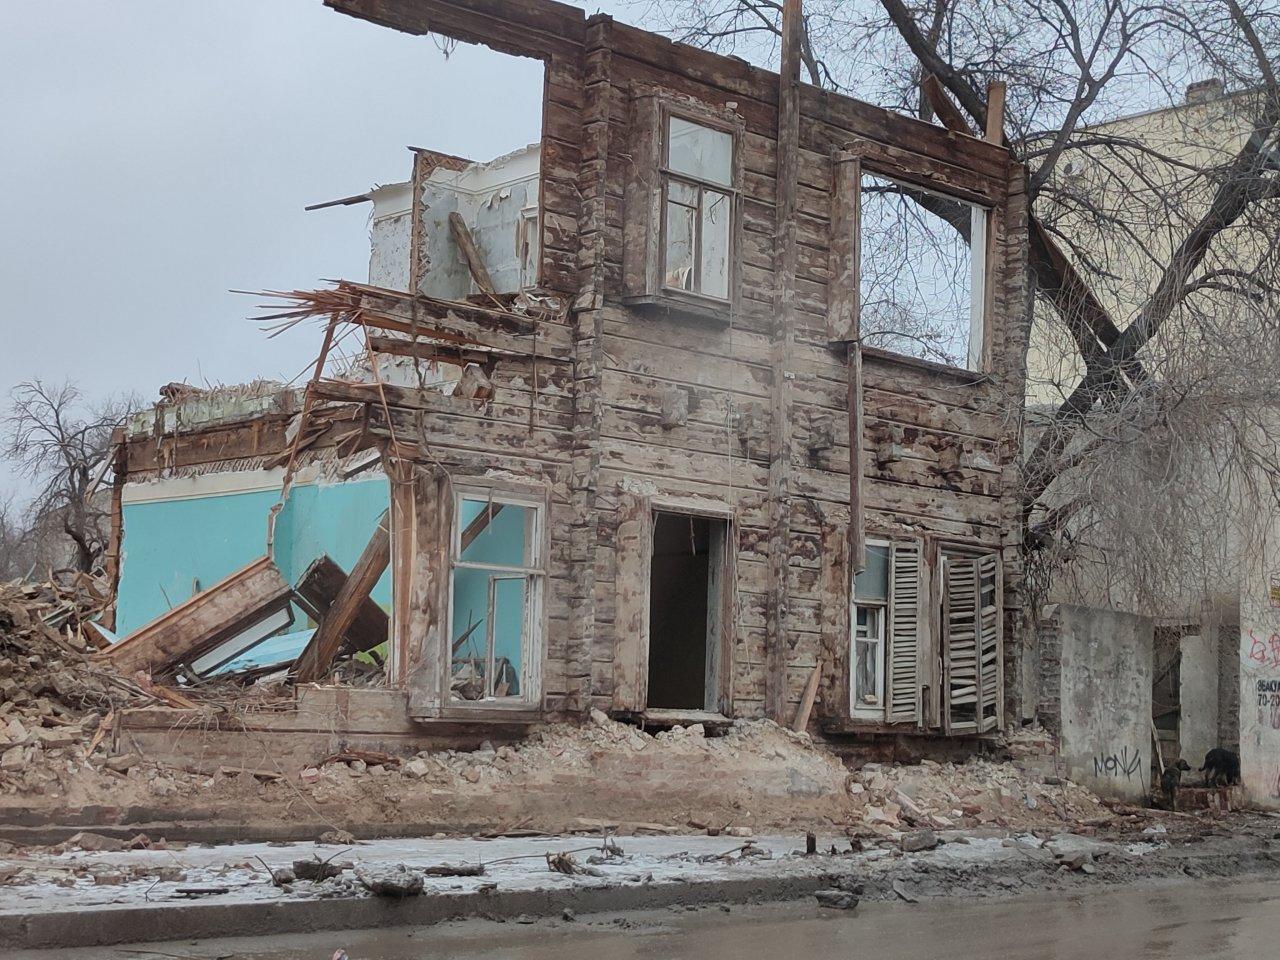 Астраханская область вошла в пятерку антилидеров по «коммунальной разрухе»